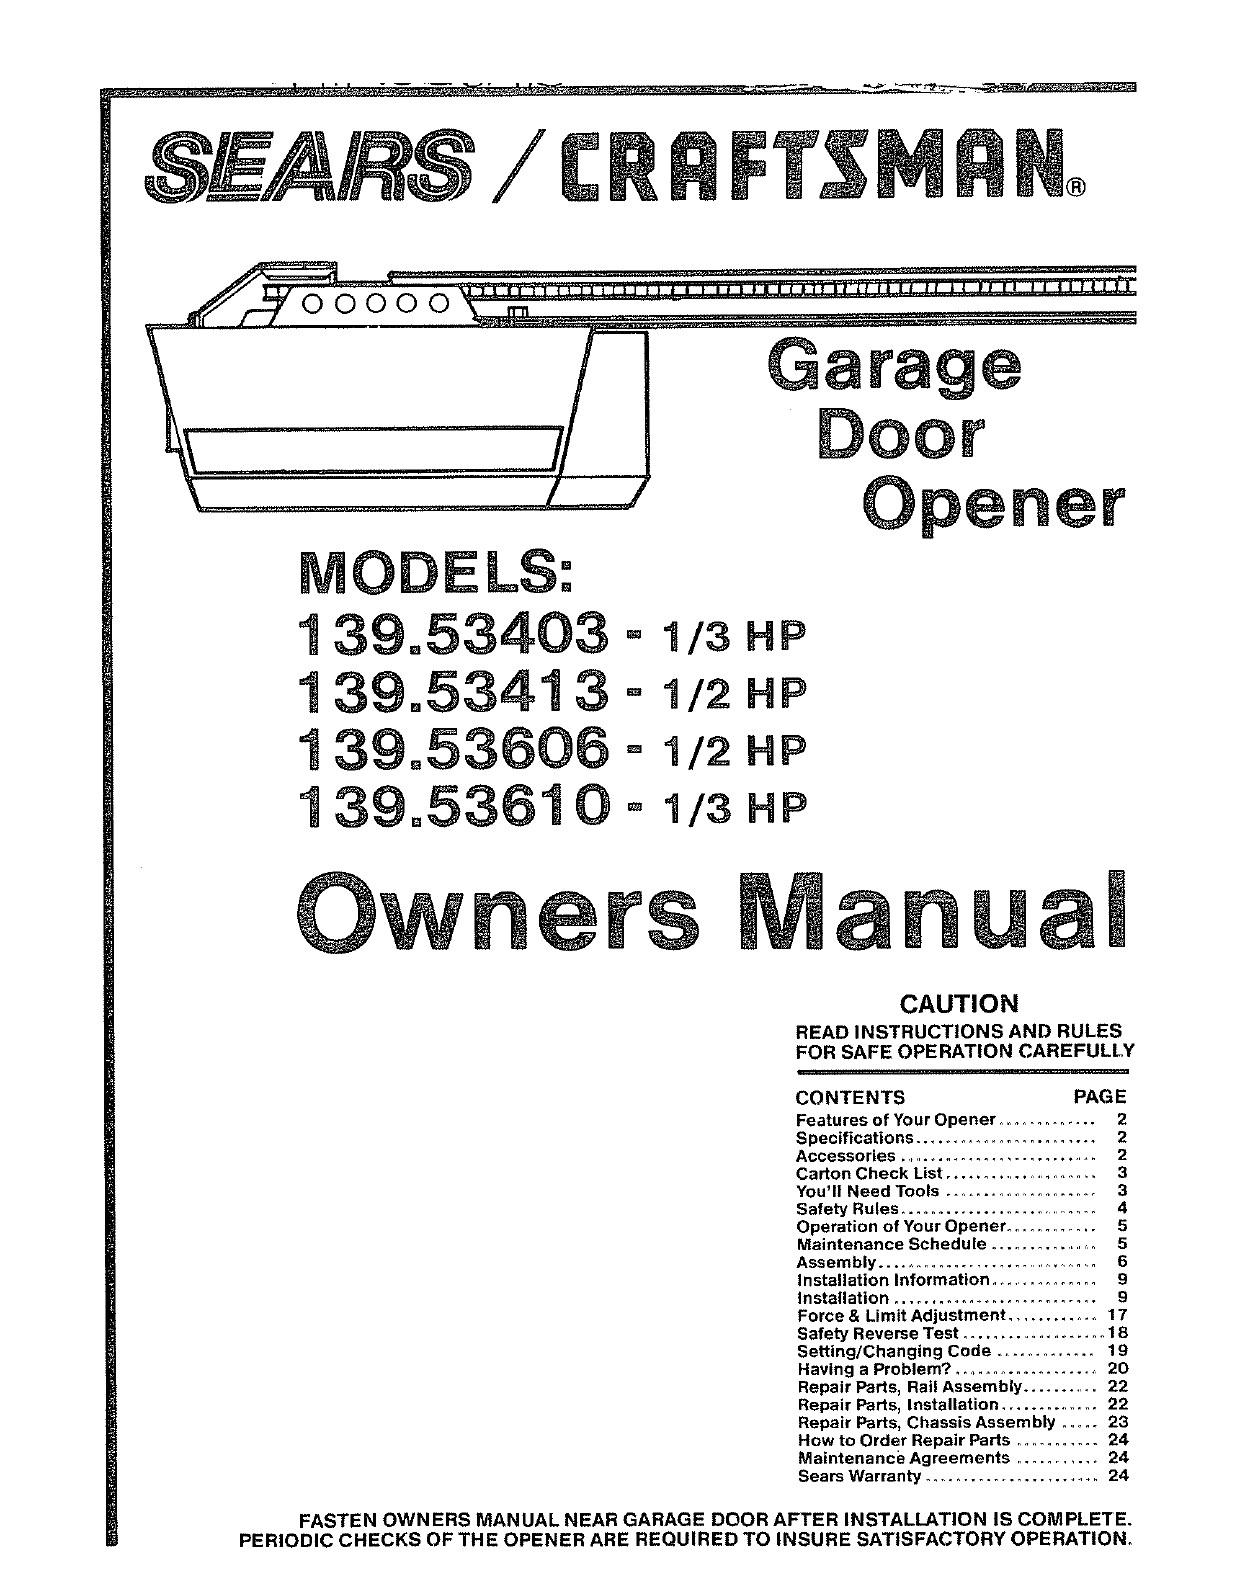 Diagram Of Garage Door Parts Craftsman Garage Door Opener 139 User Guide Of Diagram Of Garage Door Parts